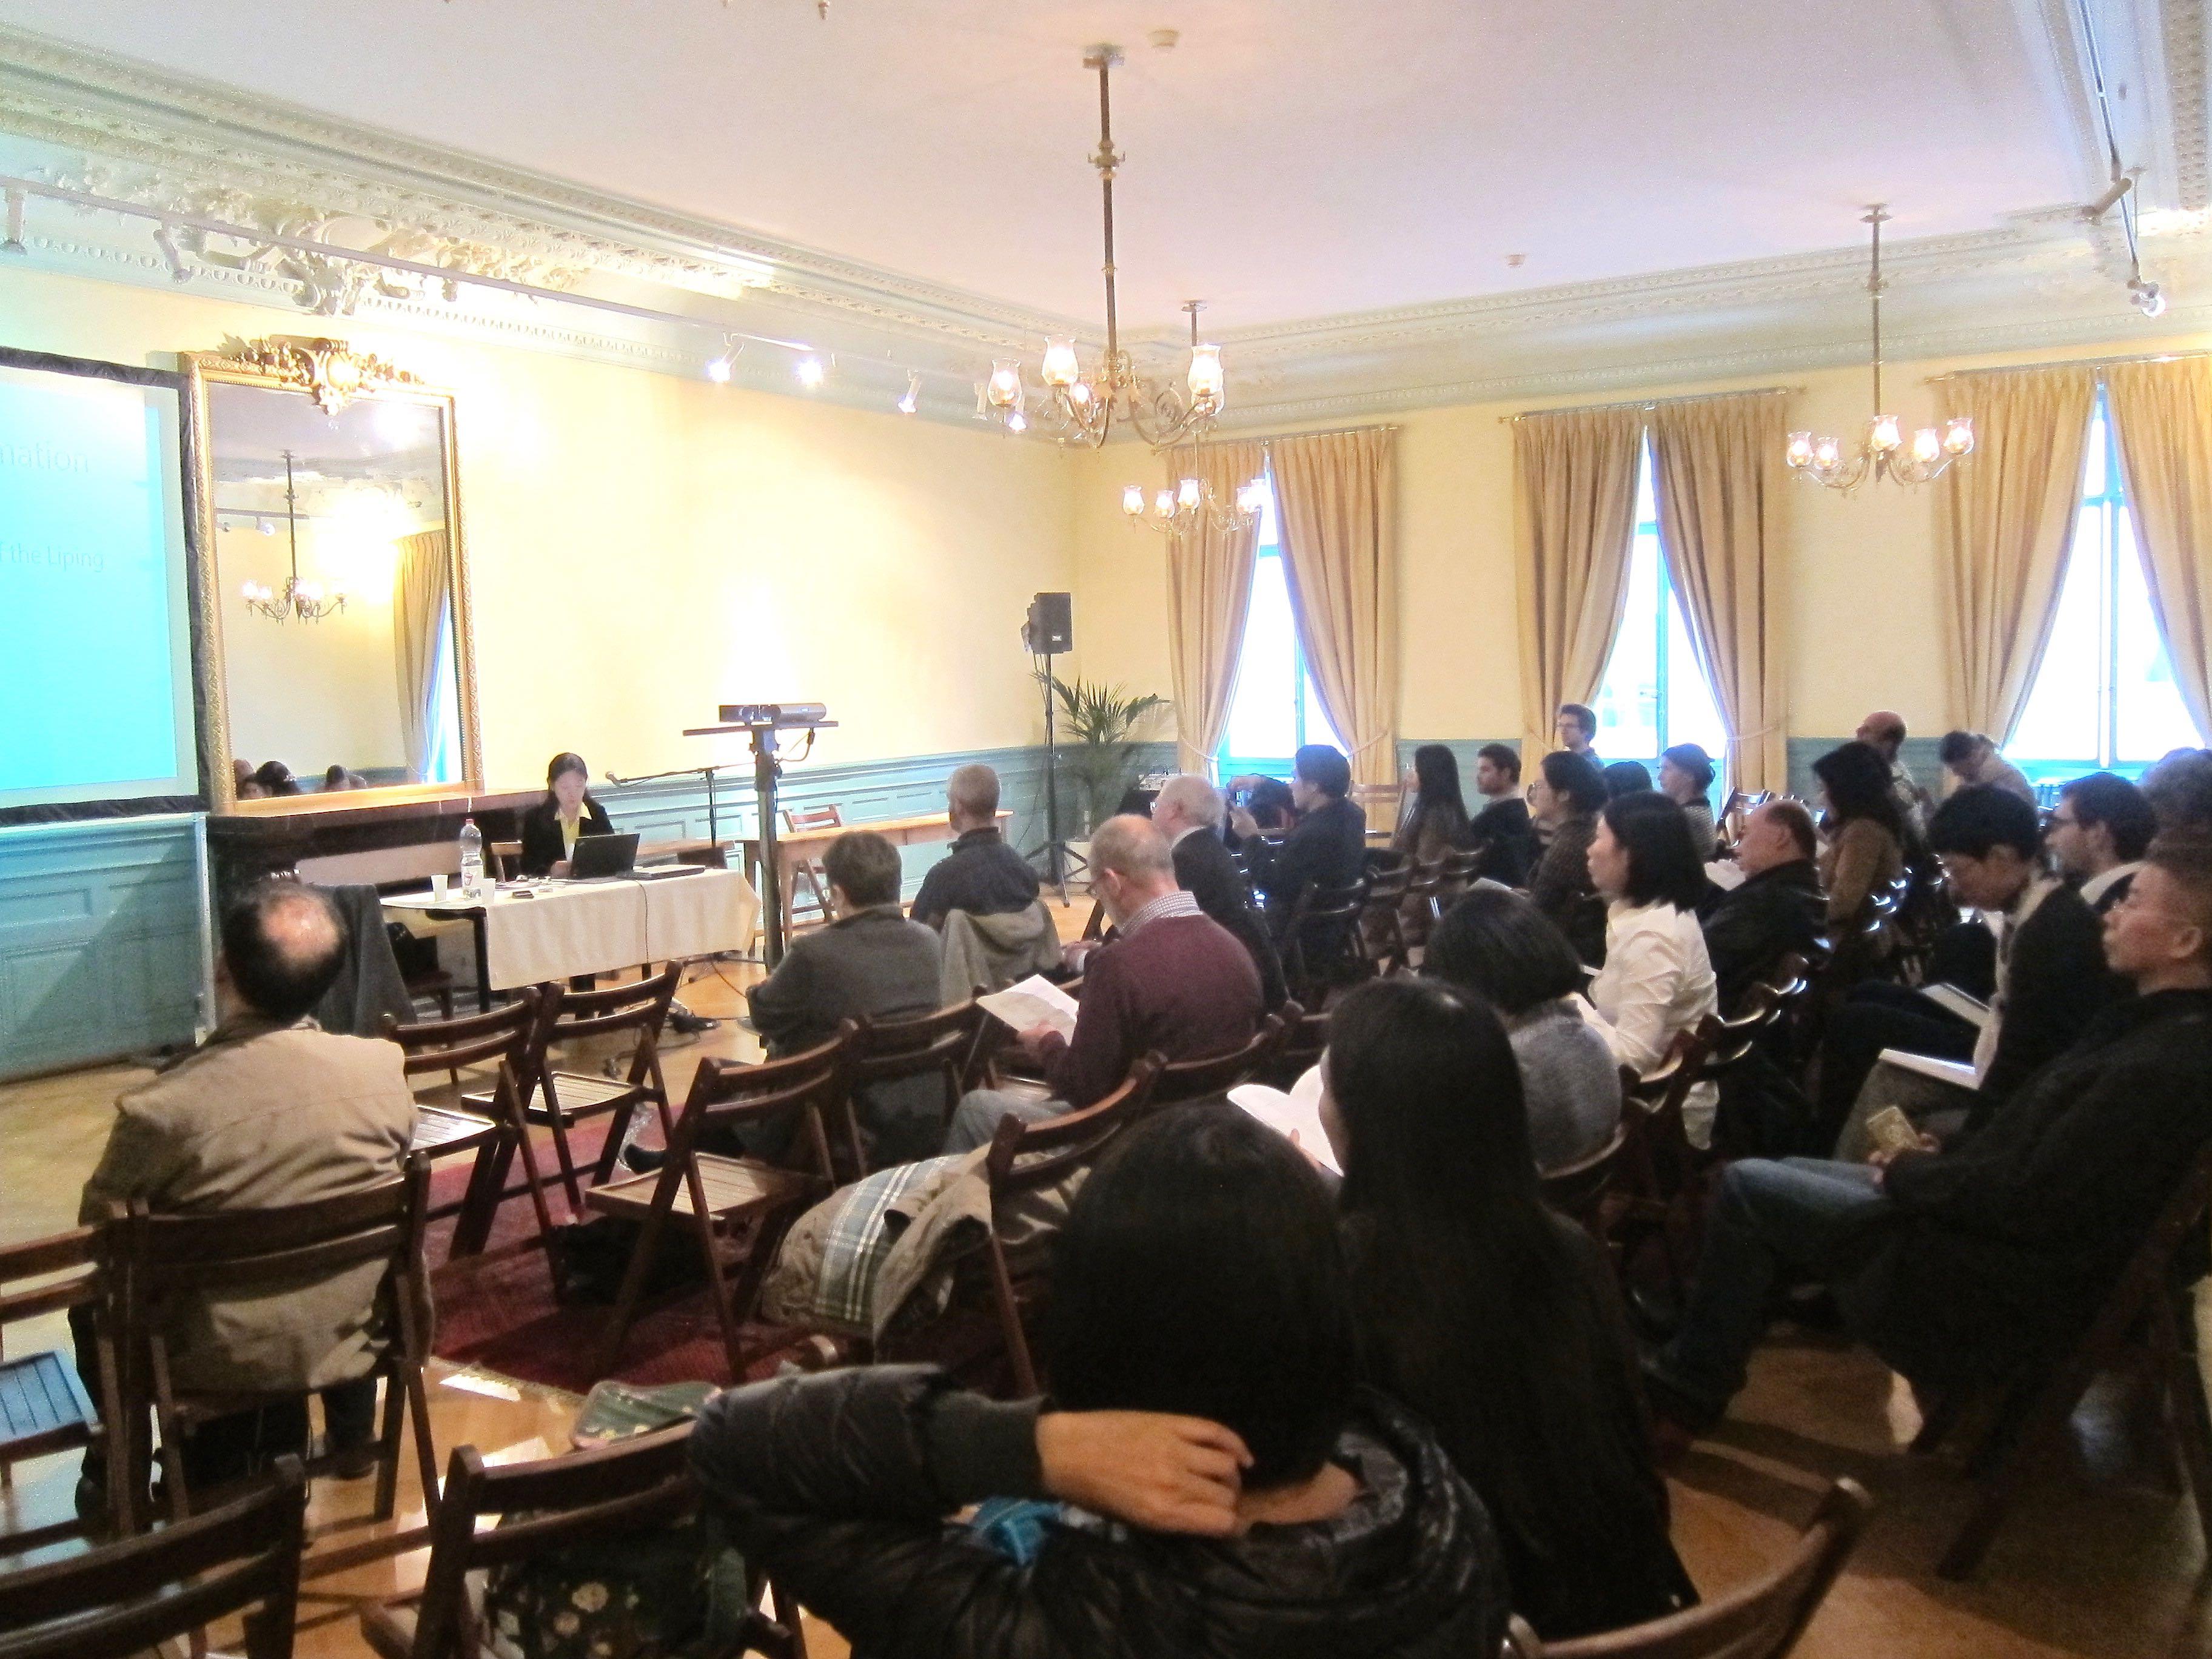 067.IMG_0895.Lecture.Li.Shuqin.jpg